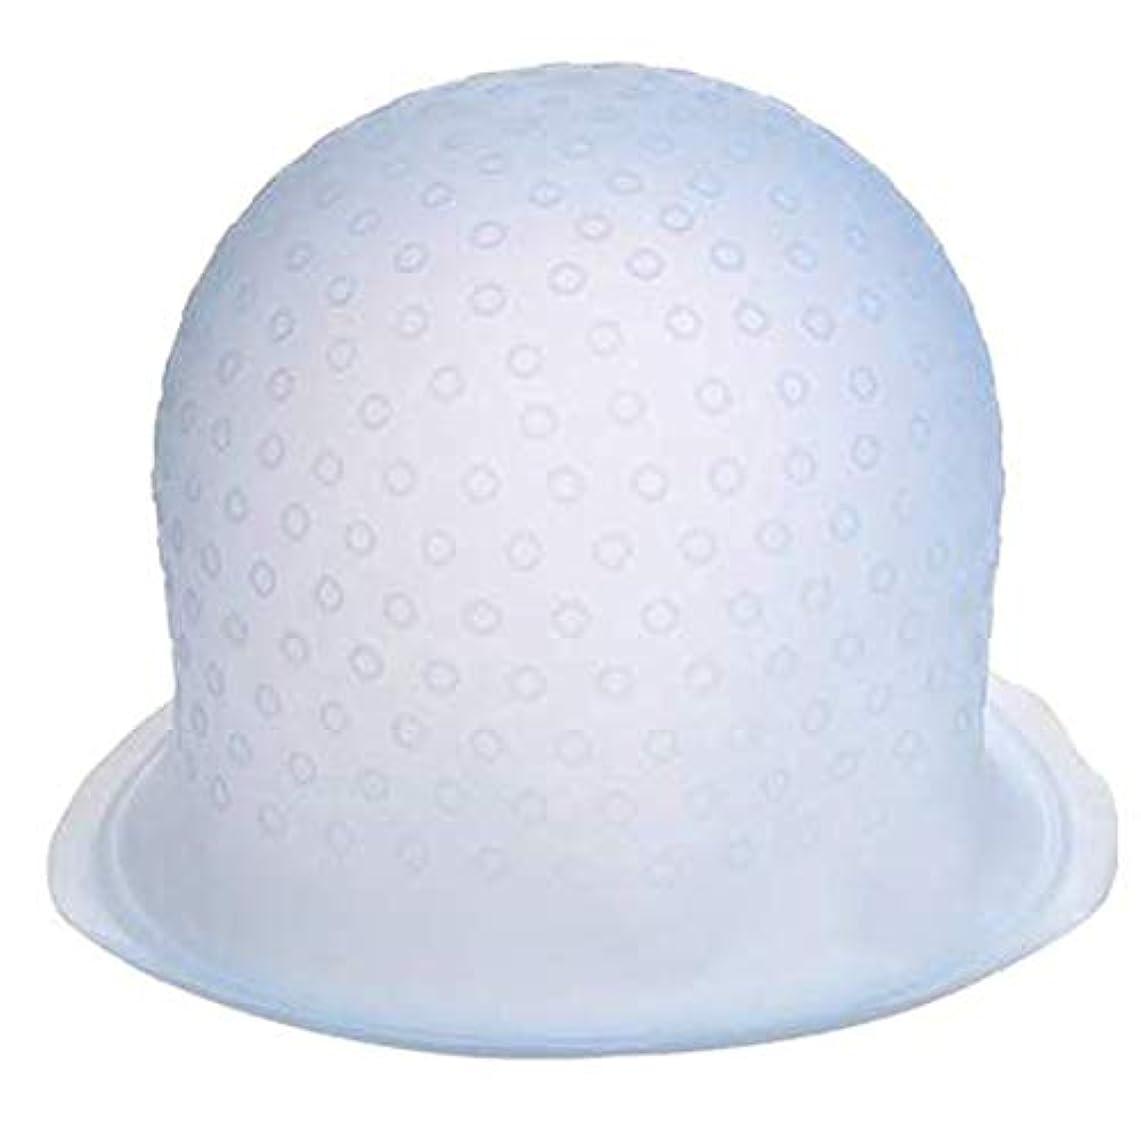 大ヒップチップ毛染めキャップ シリコンキャップ メッシュキャップ ヘアダイブラシ ヘアカラー 部分染め 再利用可能 半透明 カラーリング 自宅 DIY かぎ針付き (白い)